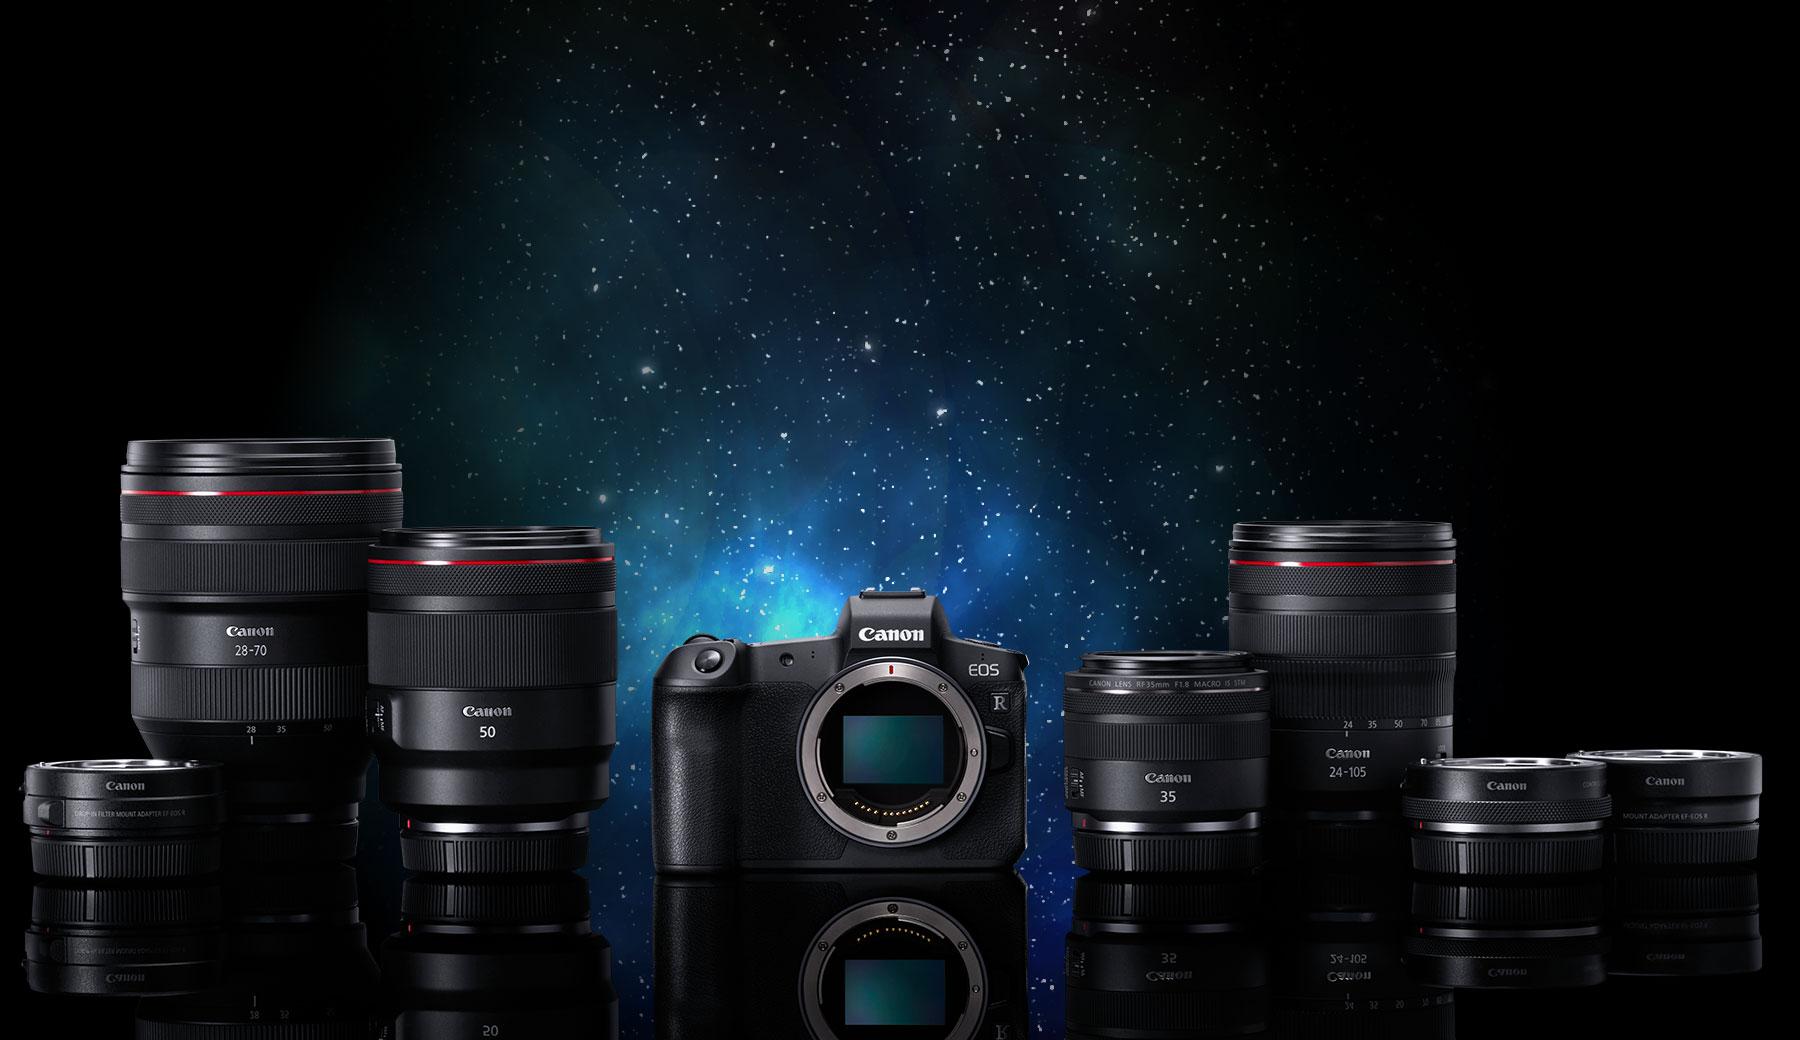 完美光學再定義  Canon 劃時代全新 EOS R 系統 震撼登場